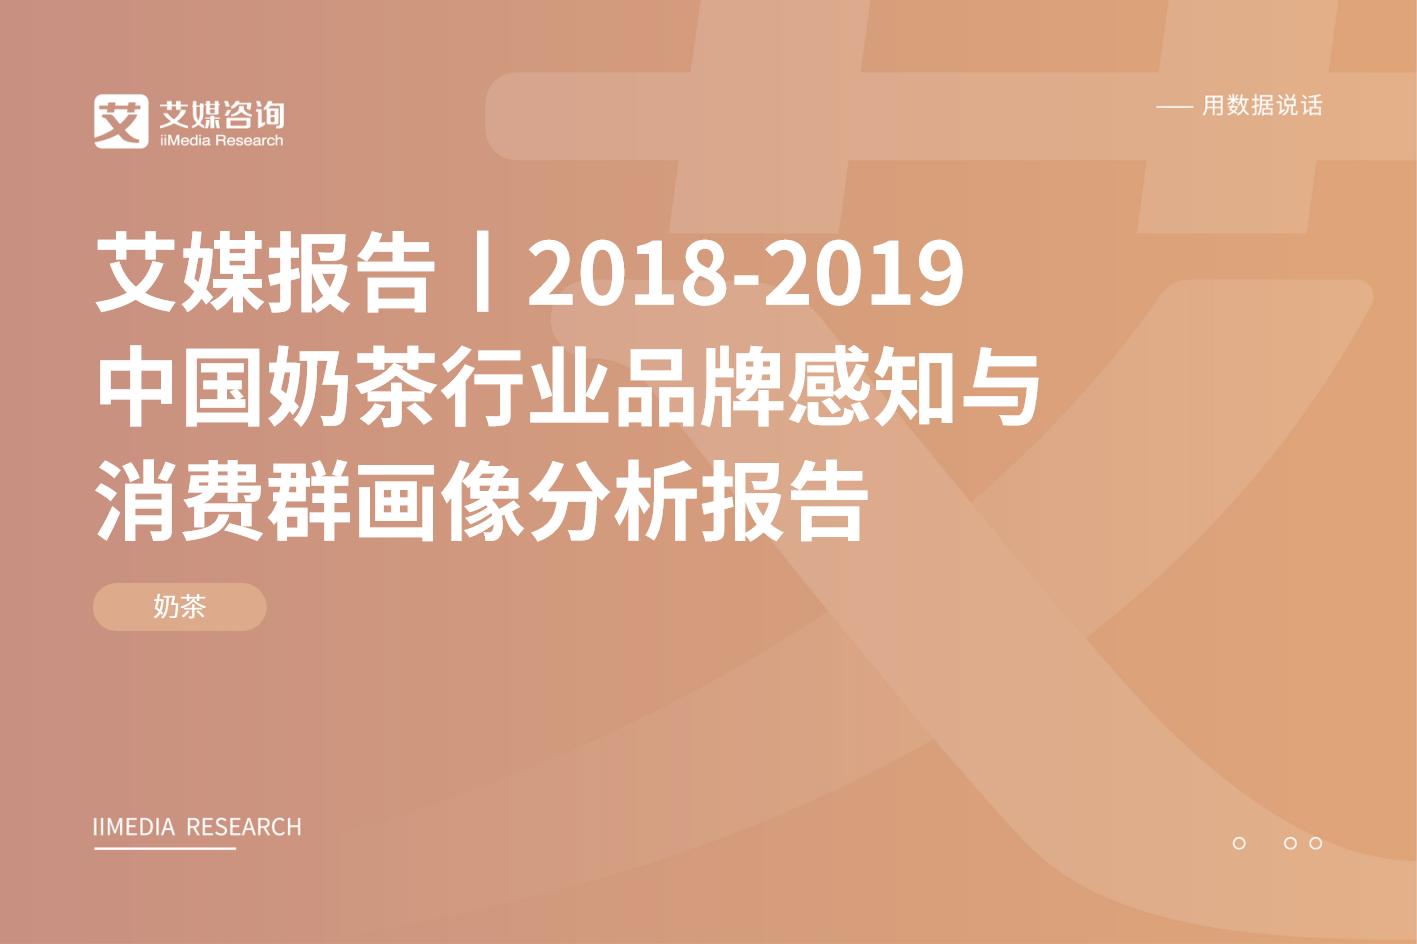 艾媒报告 |2018-2019 中国奶茶行业品牌感知与消费群画像分析报告